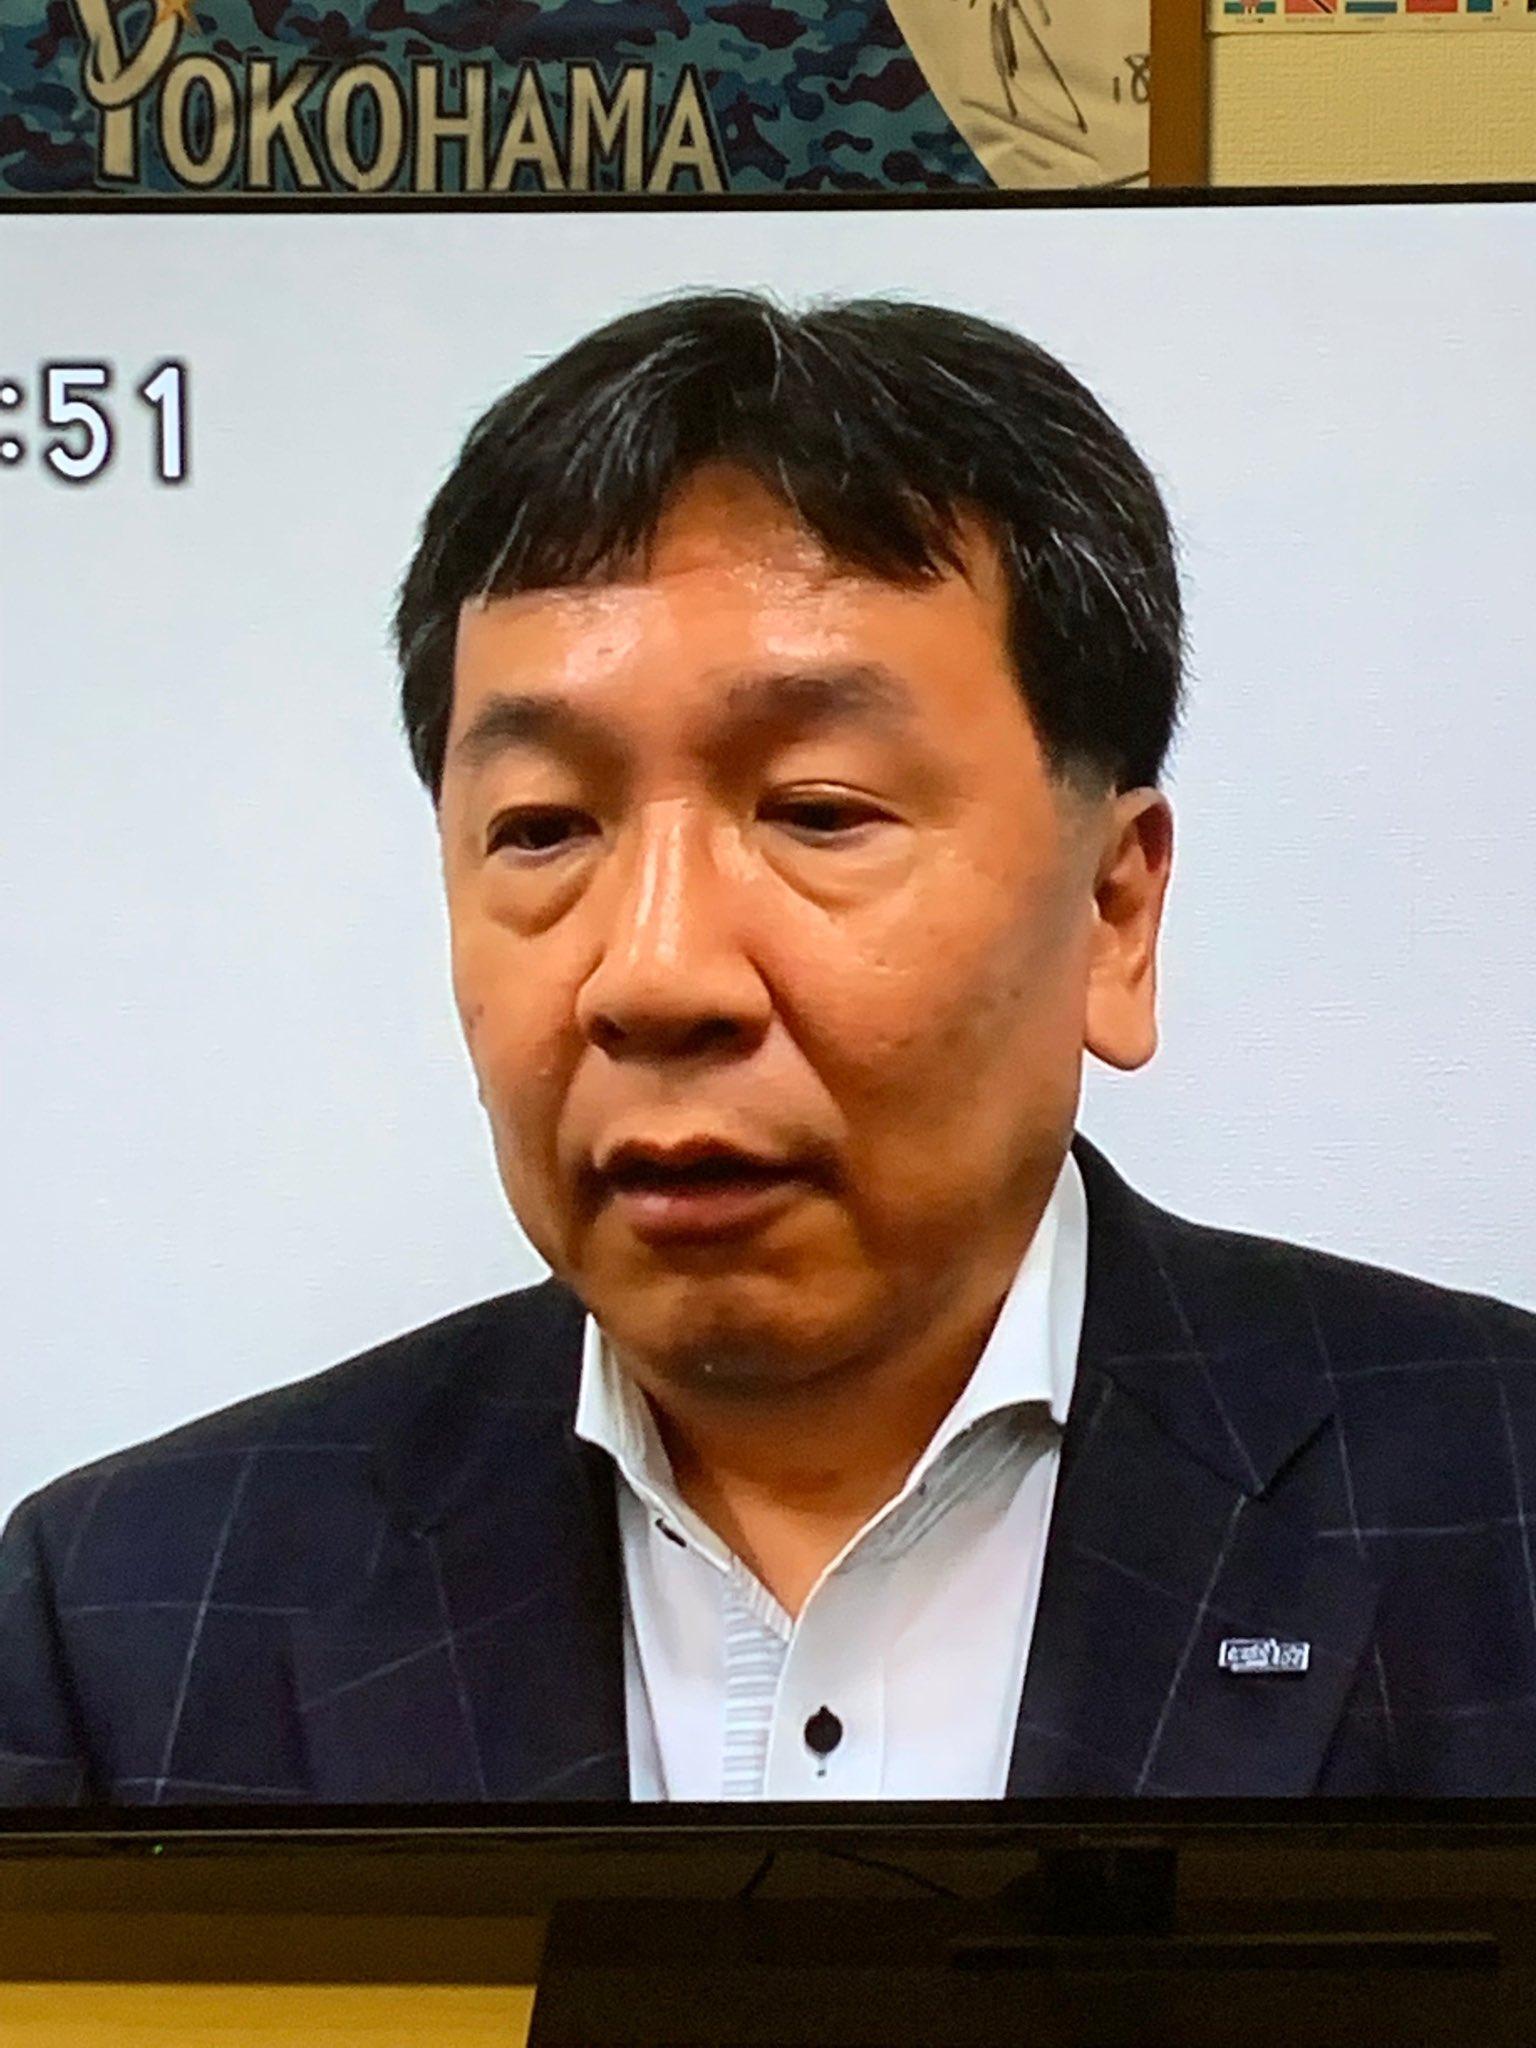 【画像】枝野幸男さん、1000円カットガチャに失敗